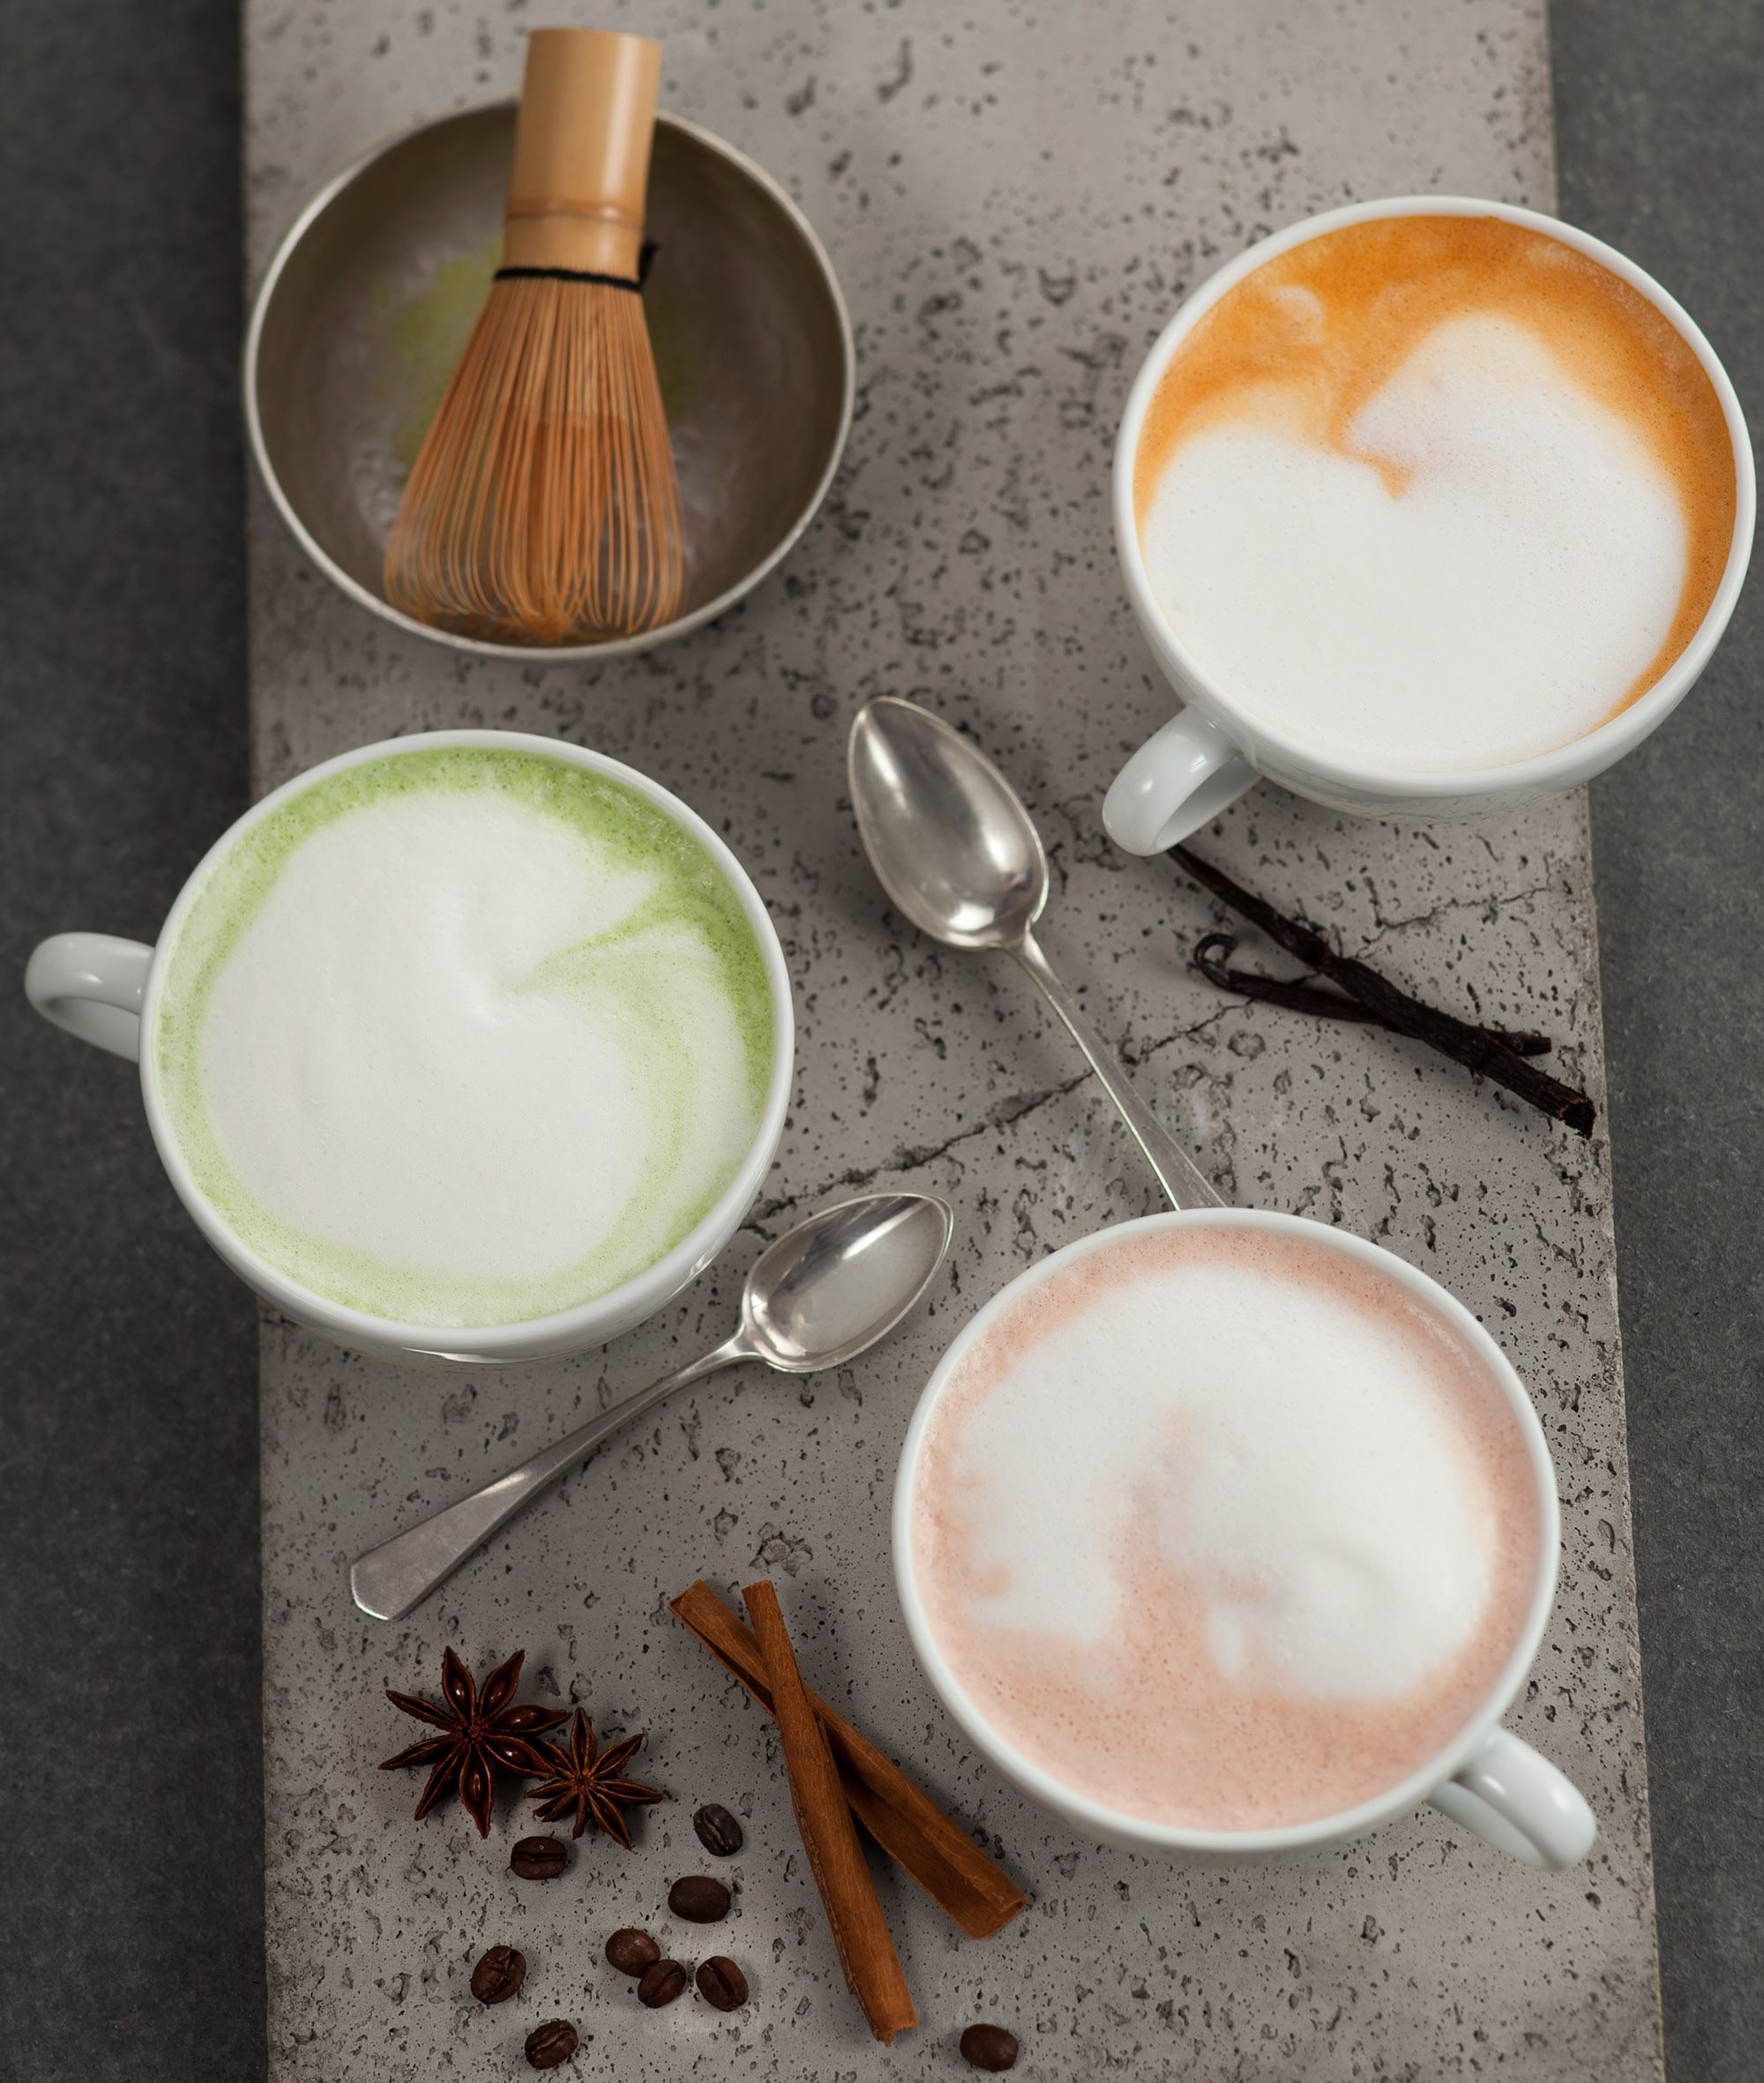 Teezeit bei Balzac ♥ jetzt unsere neuen Winterprodukte Matcha Latte, Rooibos Latte & Espresso Chai Latte probieren. #balzaccoffee #rooiboslatte #matchalatte #espressochailatte #teezeit